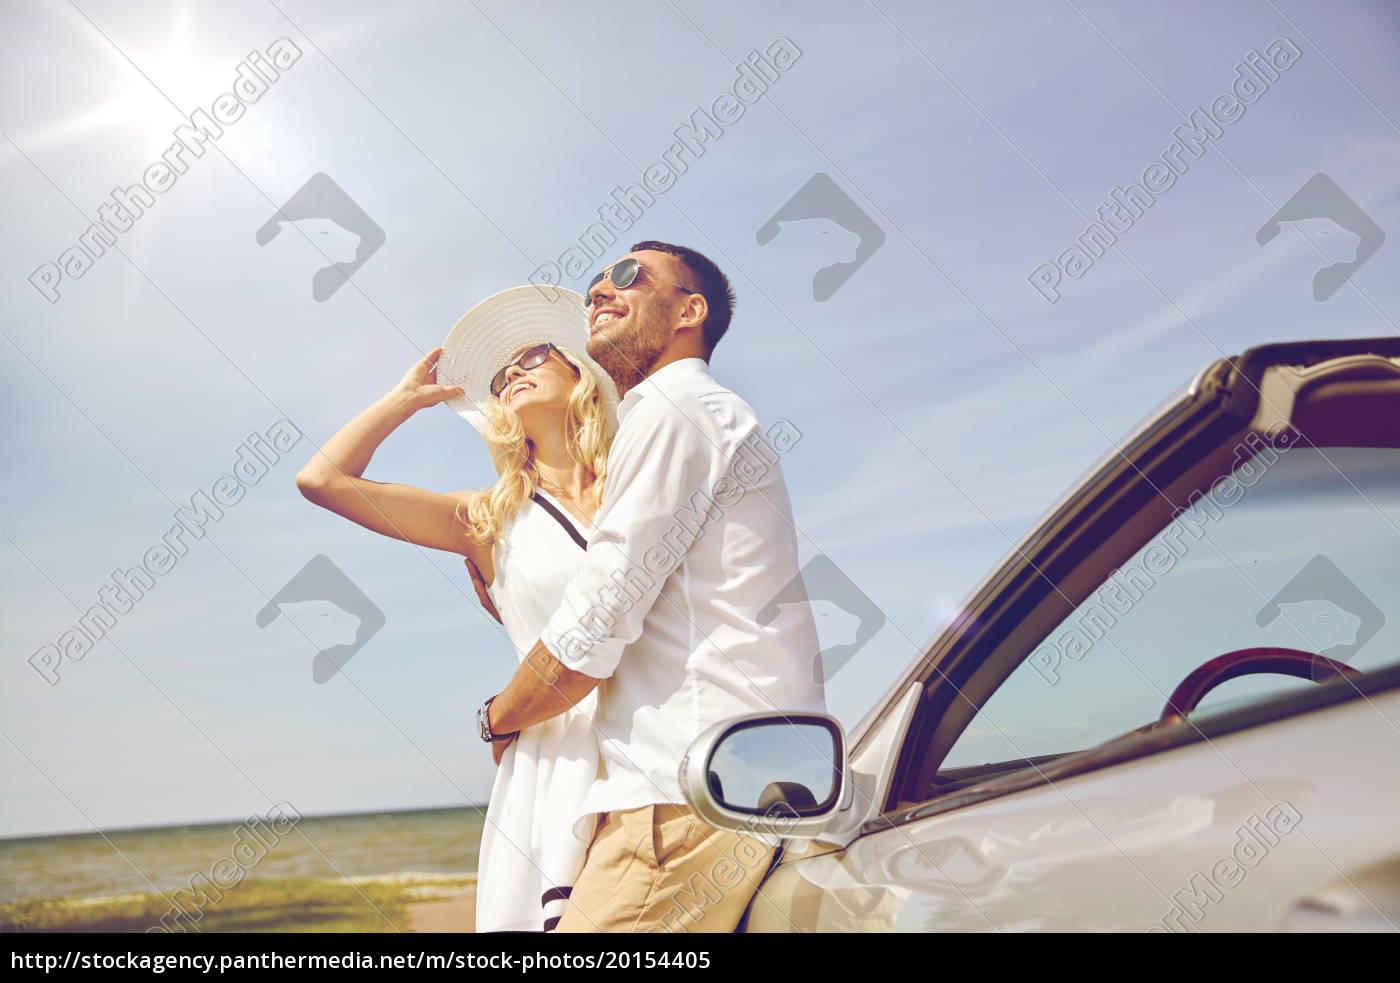 happy, couple, hugging, near, cabriolet, car - 20154405